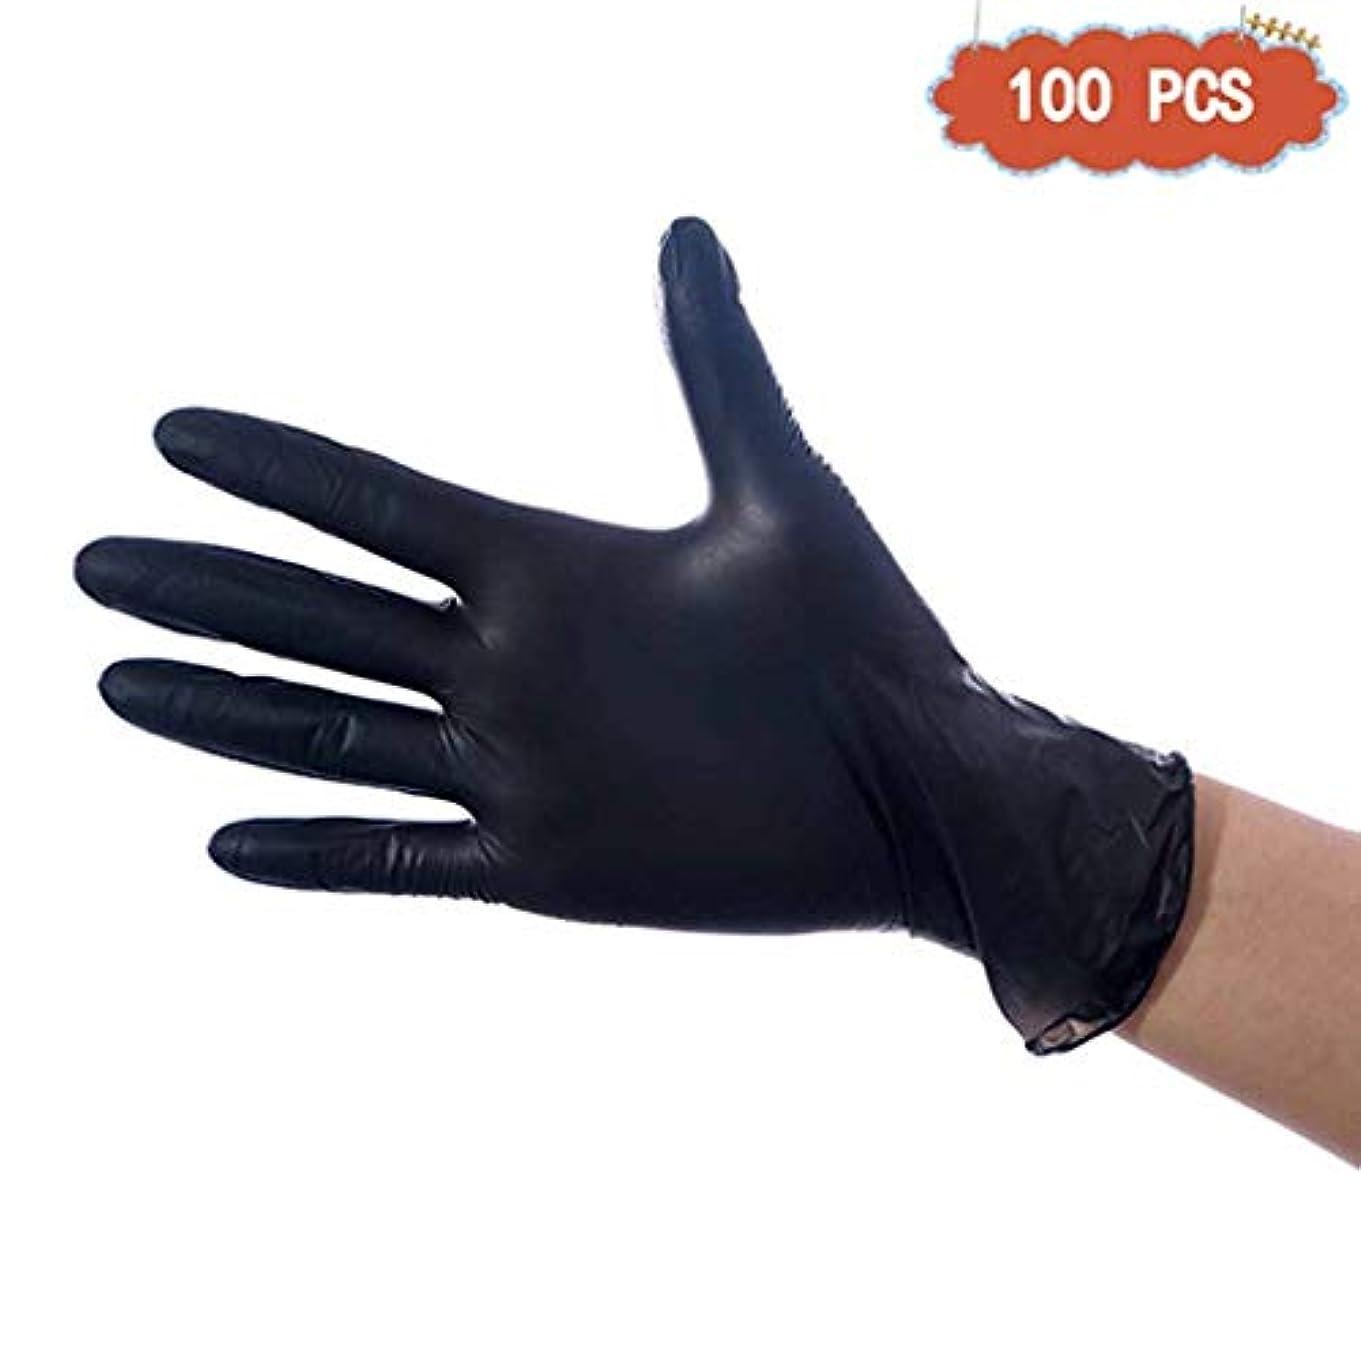 準備する背骨煙ニトリル手袋手袋9インチネイルアートブラックニトリル保護手袋キッチンシェフオイルラテックスフリー、パウダーフリー、100個 (Size : M)